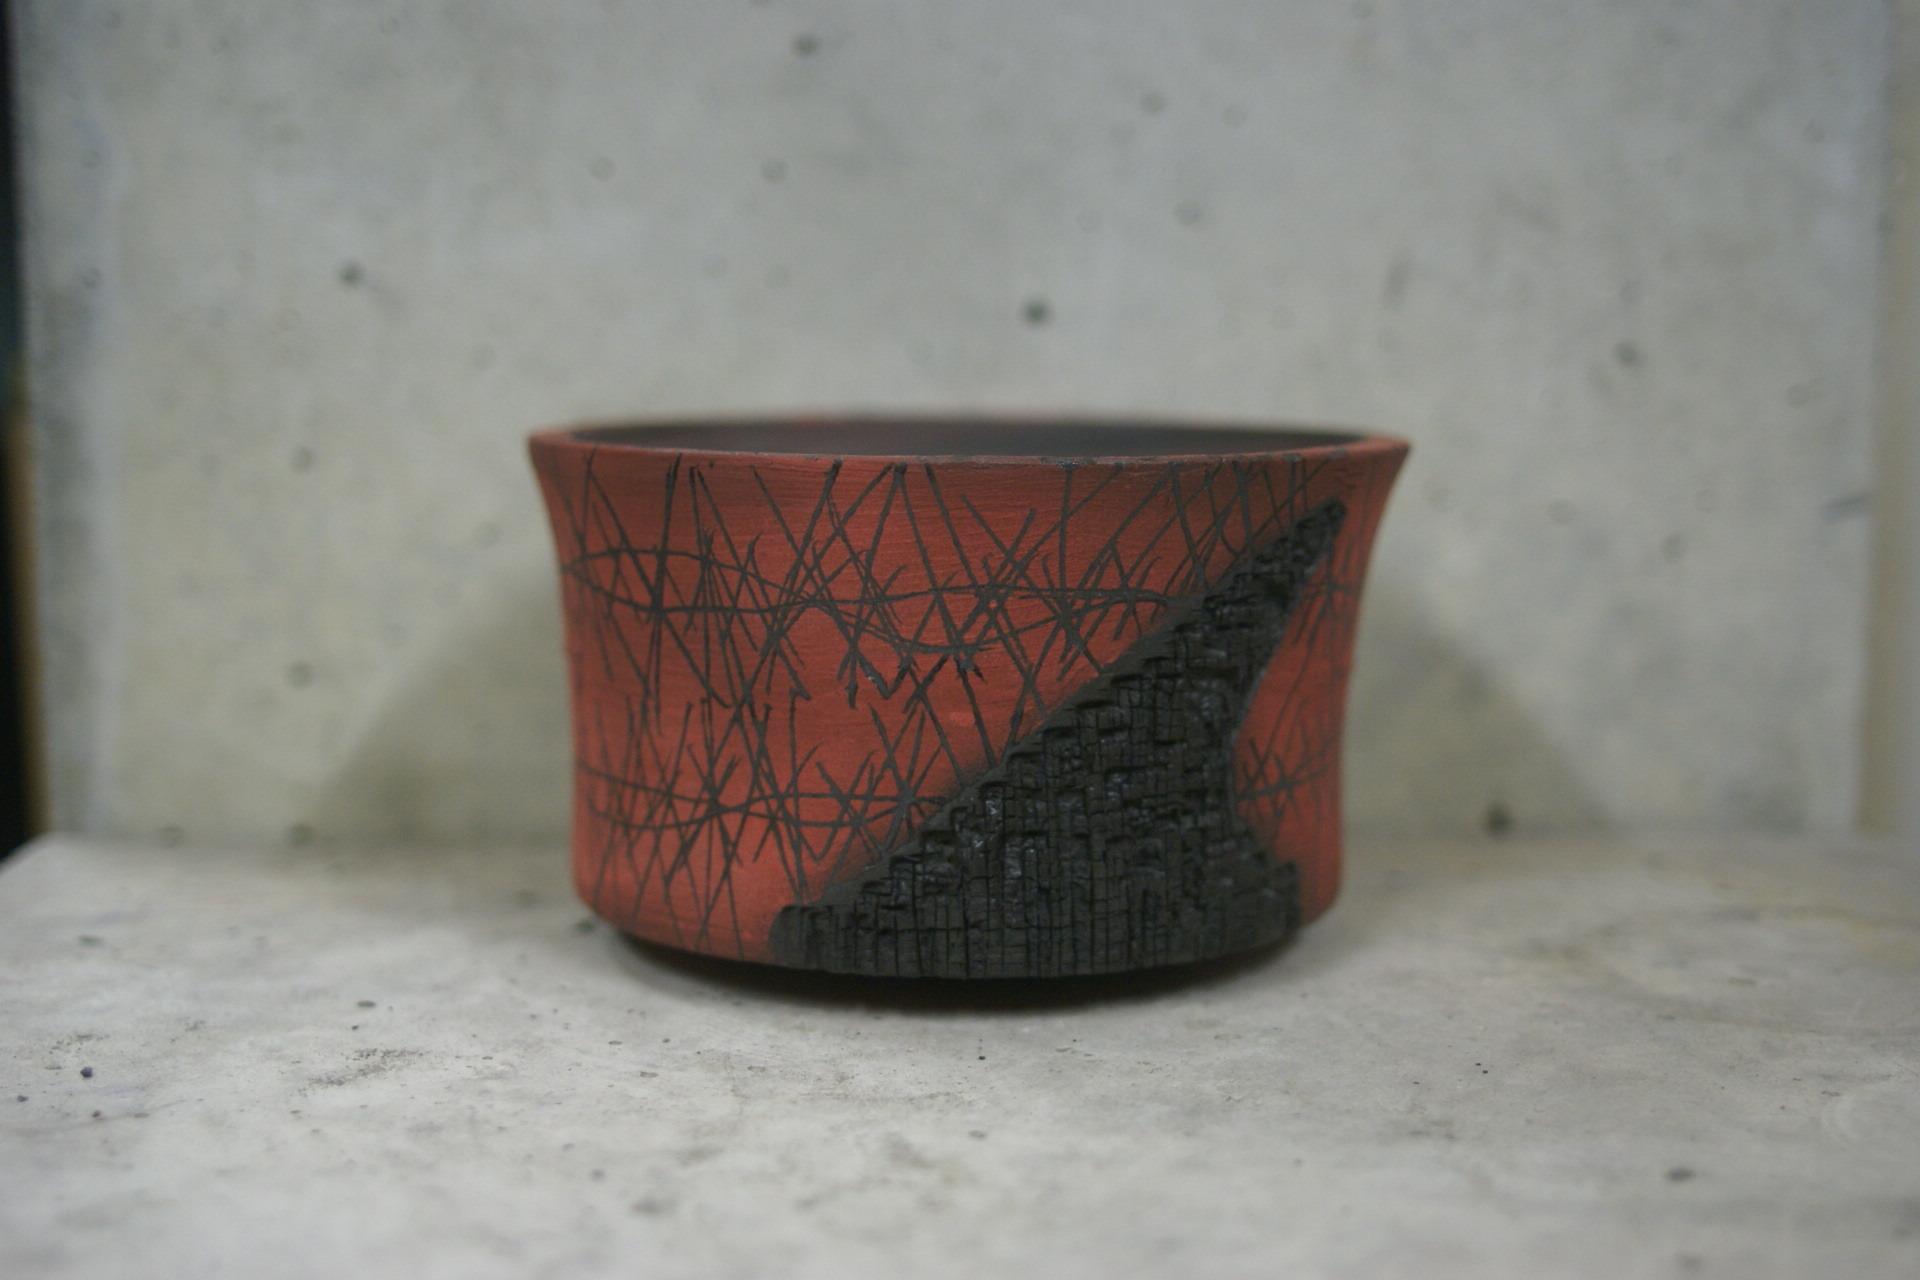 KAMAKAZE RED 05